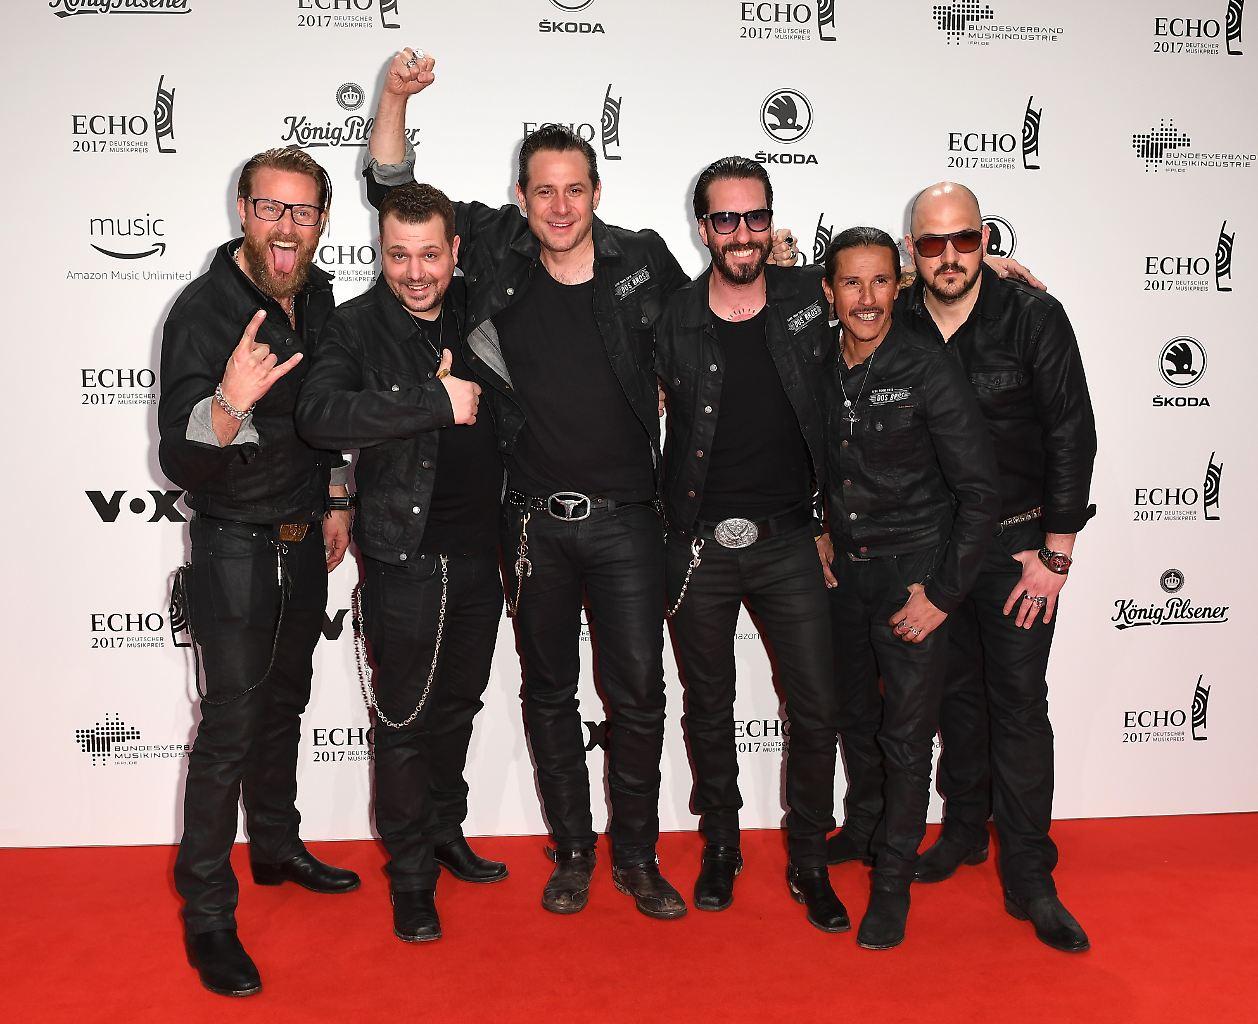 Die Band The BossHoss kommt am 06.04.2017 in Berlin zu der 26. Verleihung des Deutschen Musikpreises Echo. (Foto: Britta Pedersen/dpa)